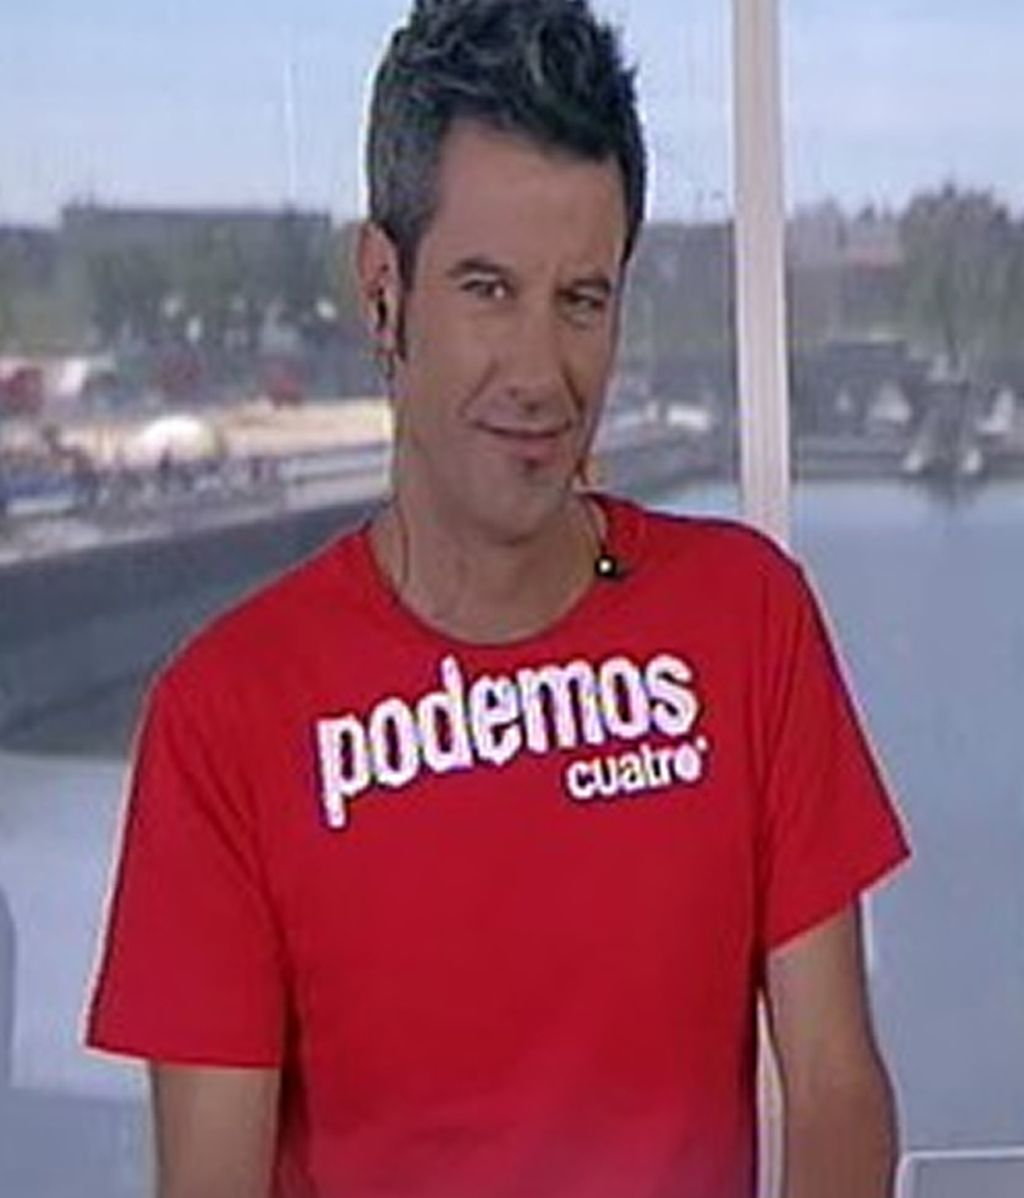 La camista de Podemos